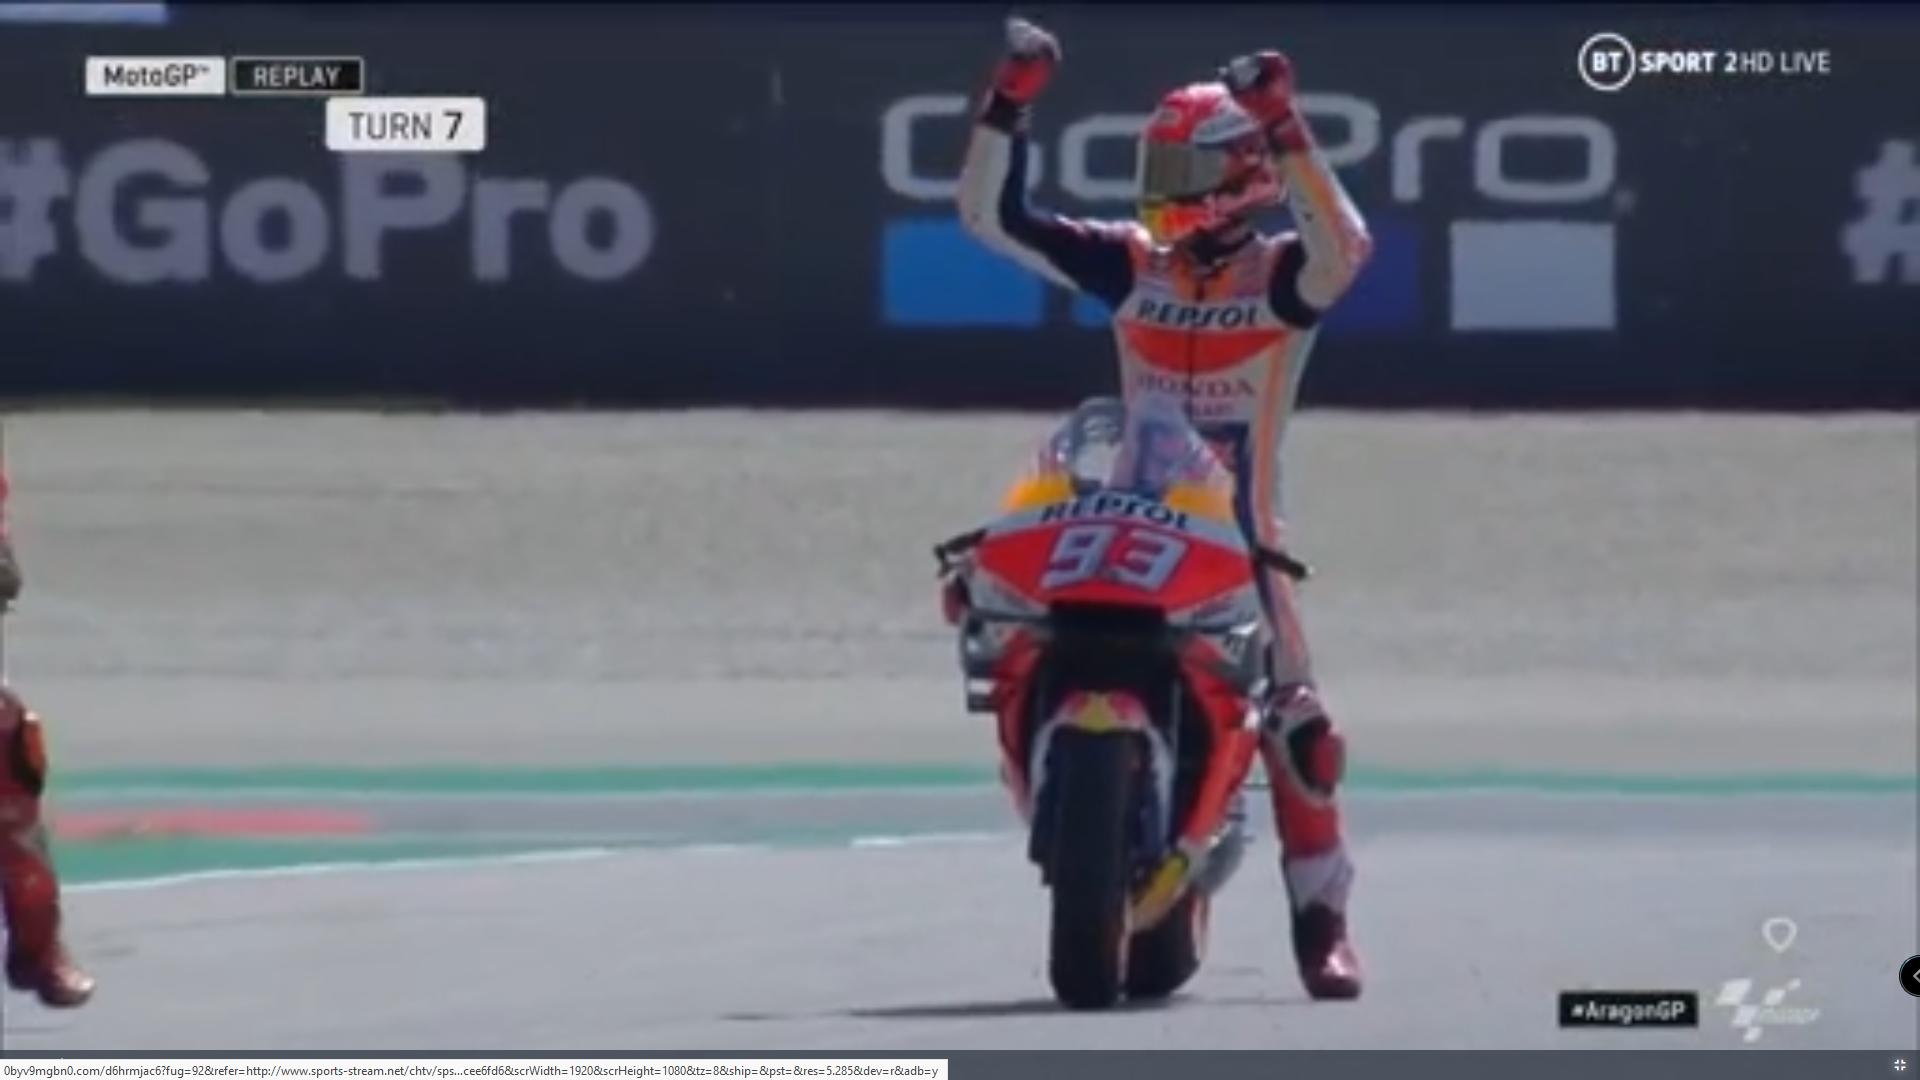 🏁🇪🇸 Aragon GP FP4: Marquez and Viñales